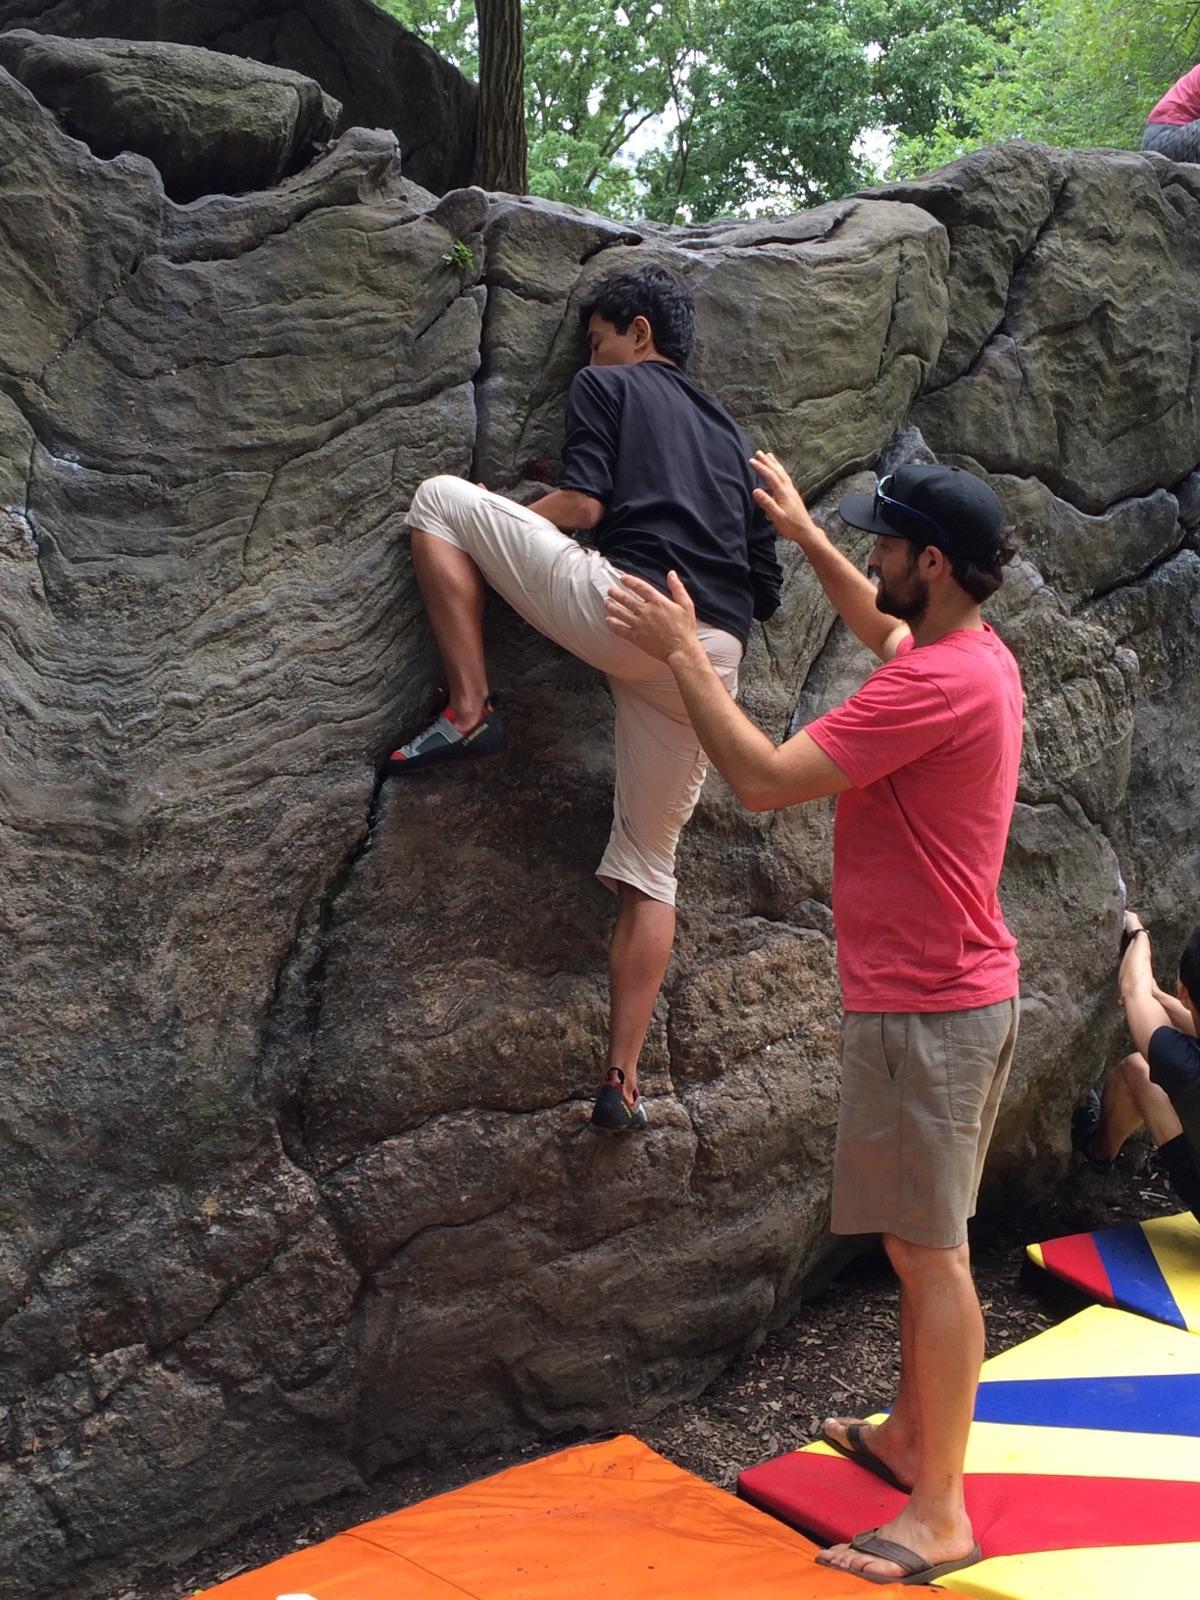 El autor recibiendo instrucciones de como escalar por Renan Ozturk, Central Park.